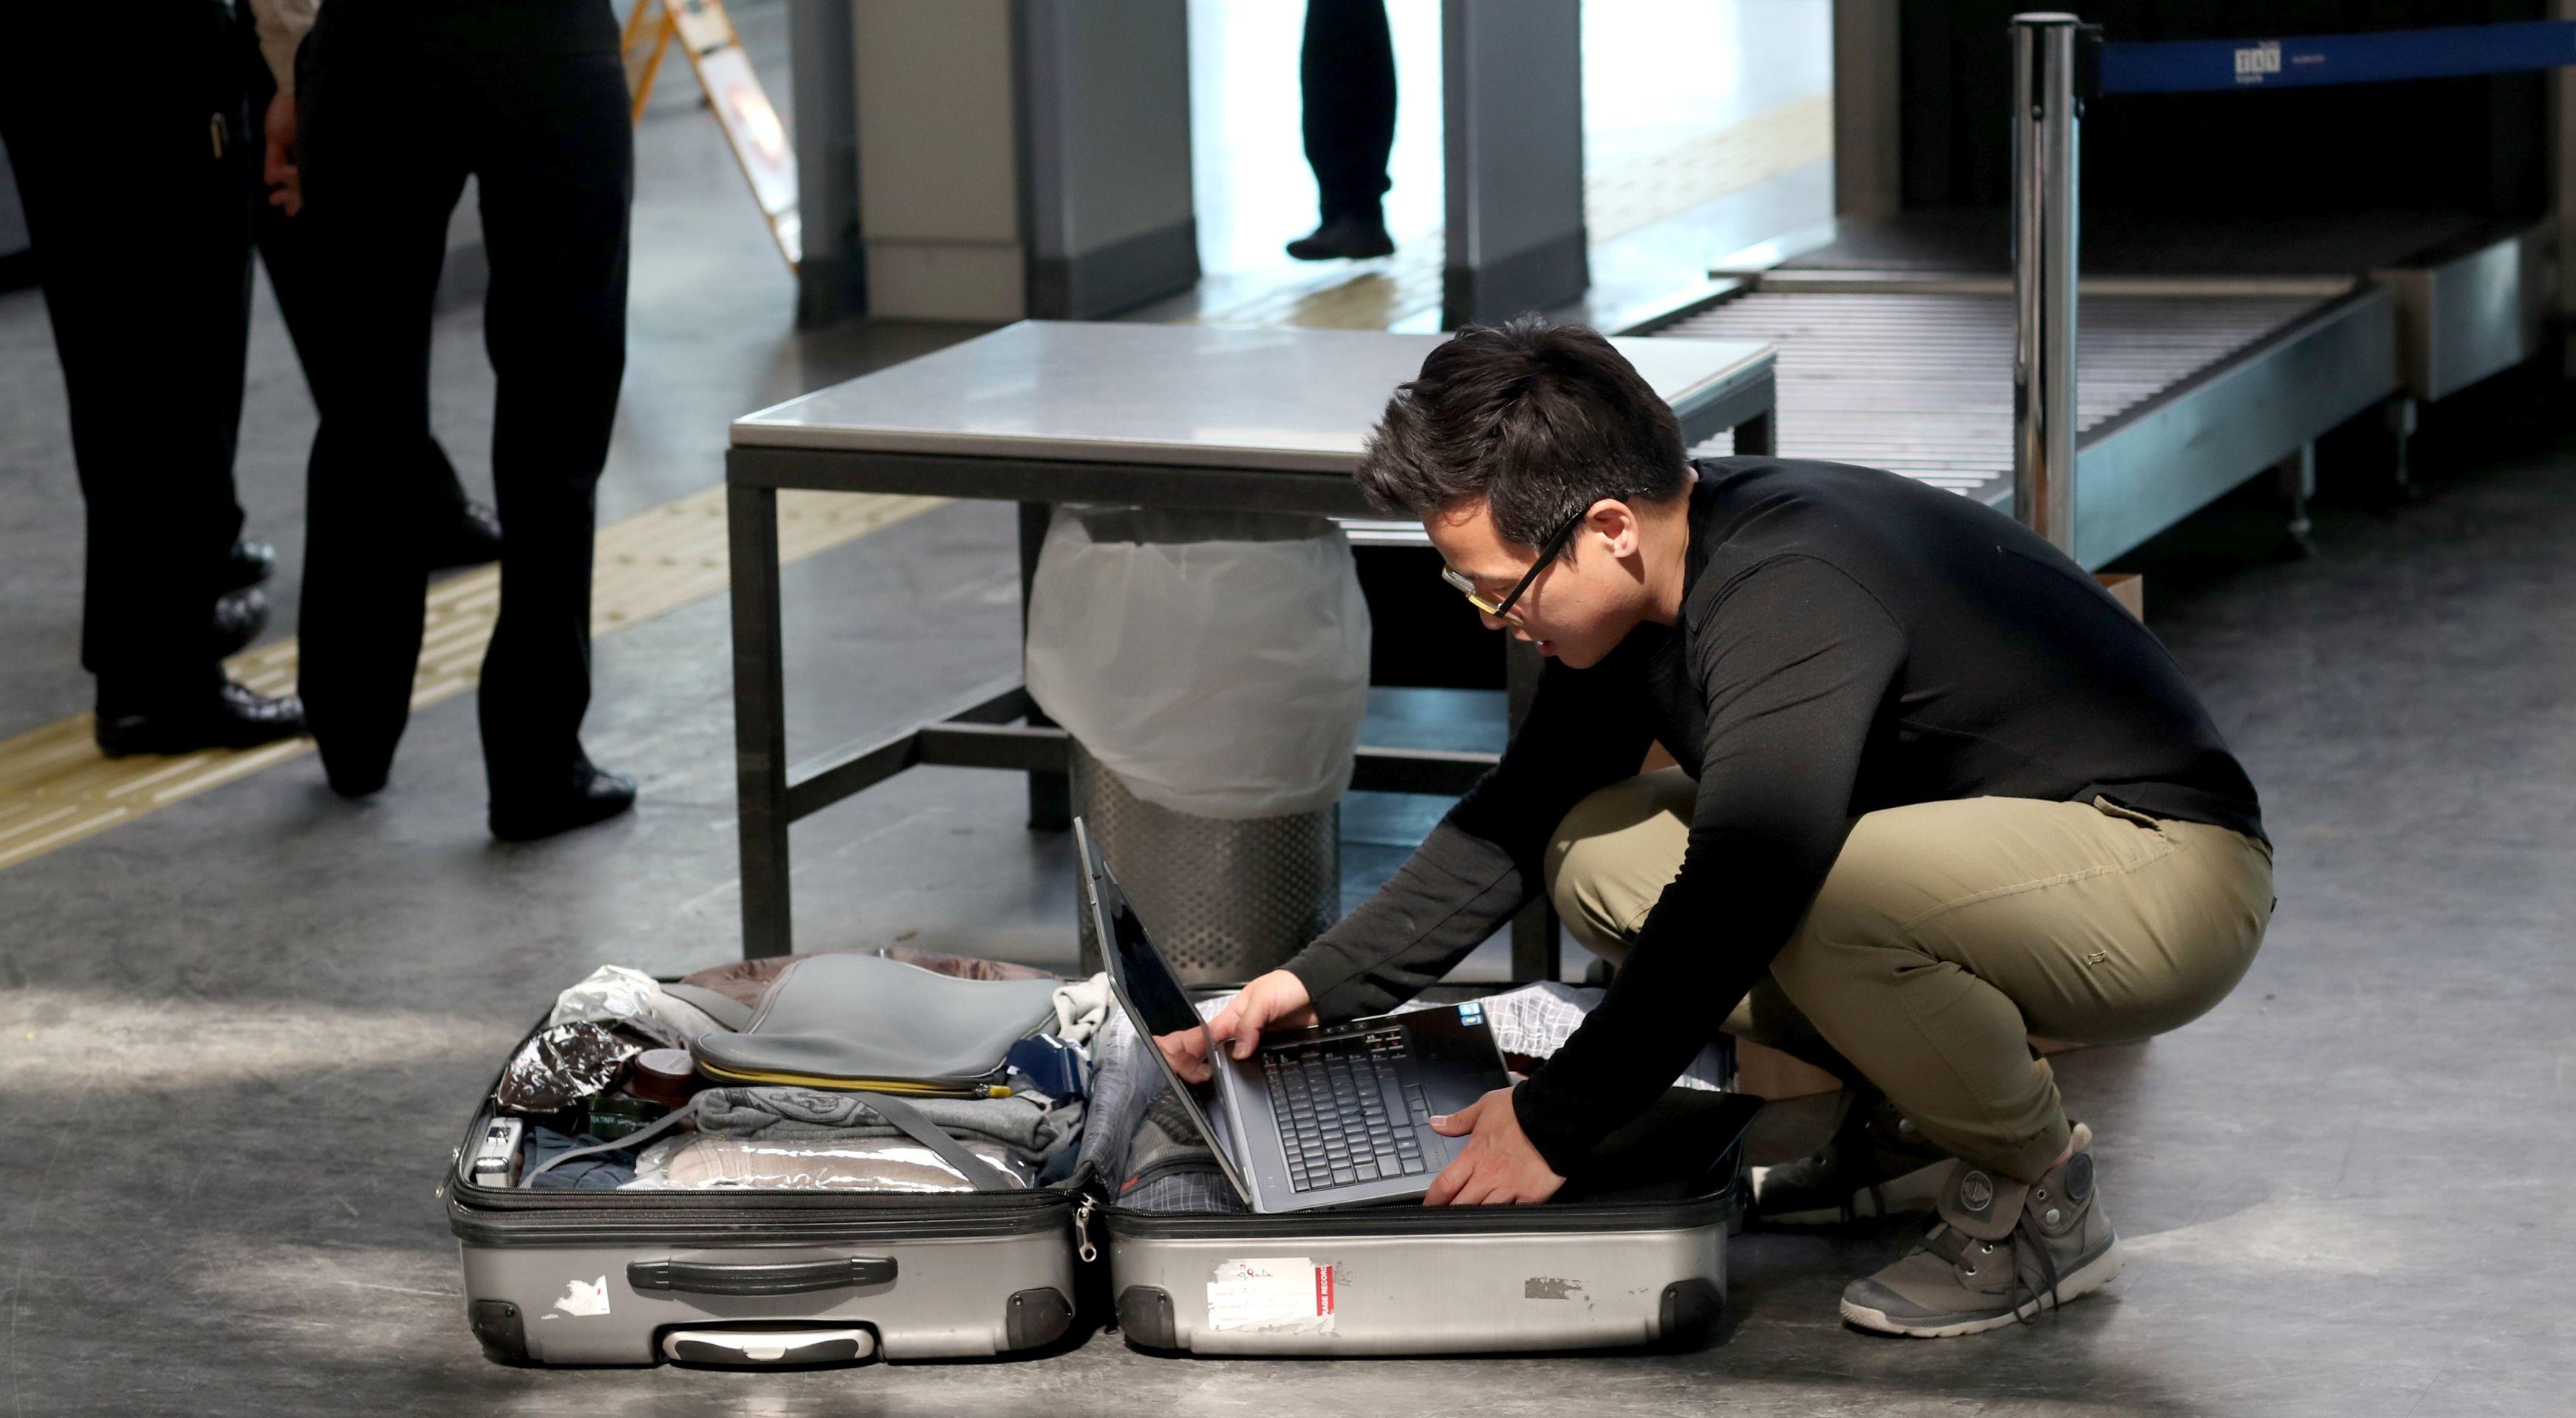 IATA kritizira 'nedjelotvornu' Trumpovu zabranu elektroničkih naprava na letovima